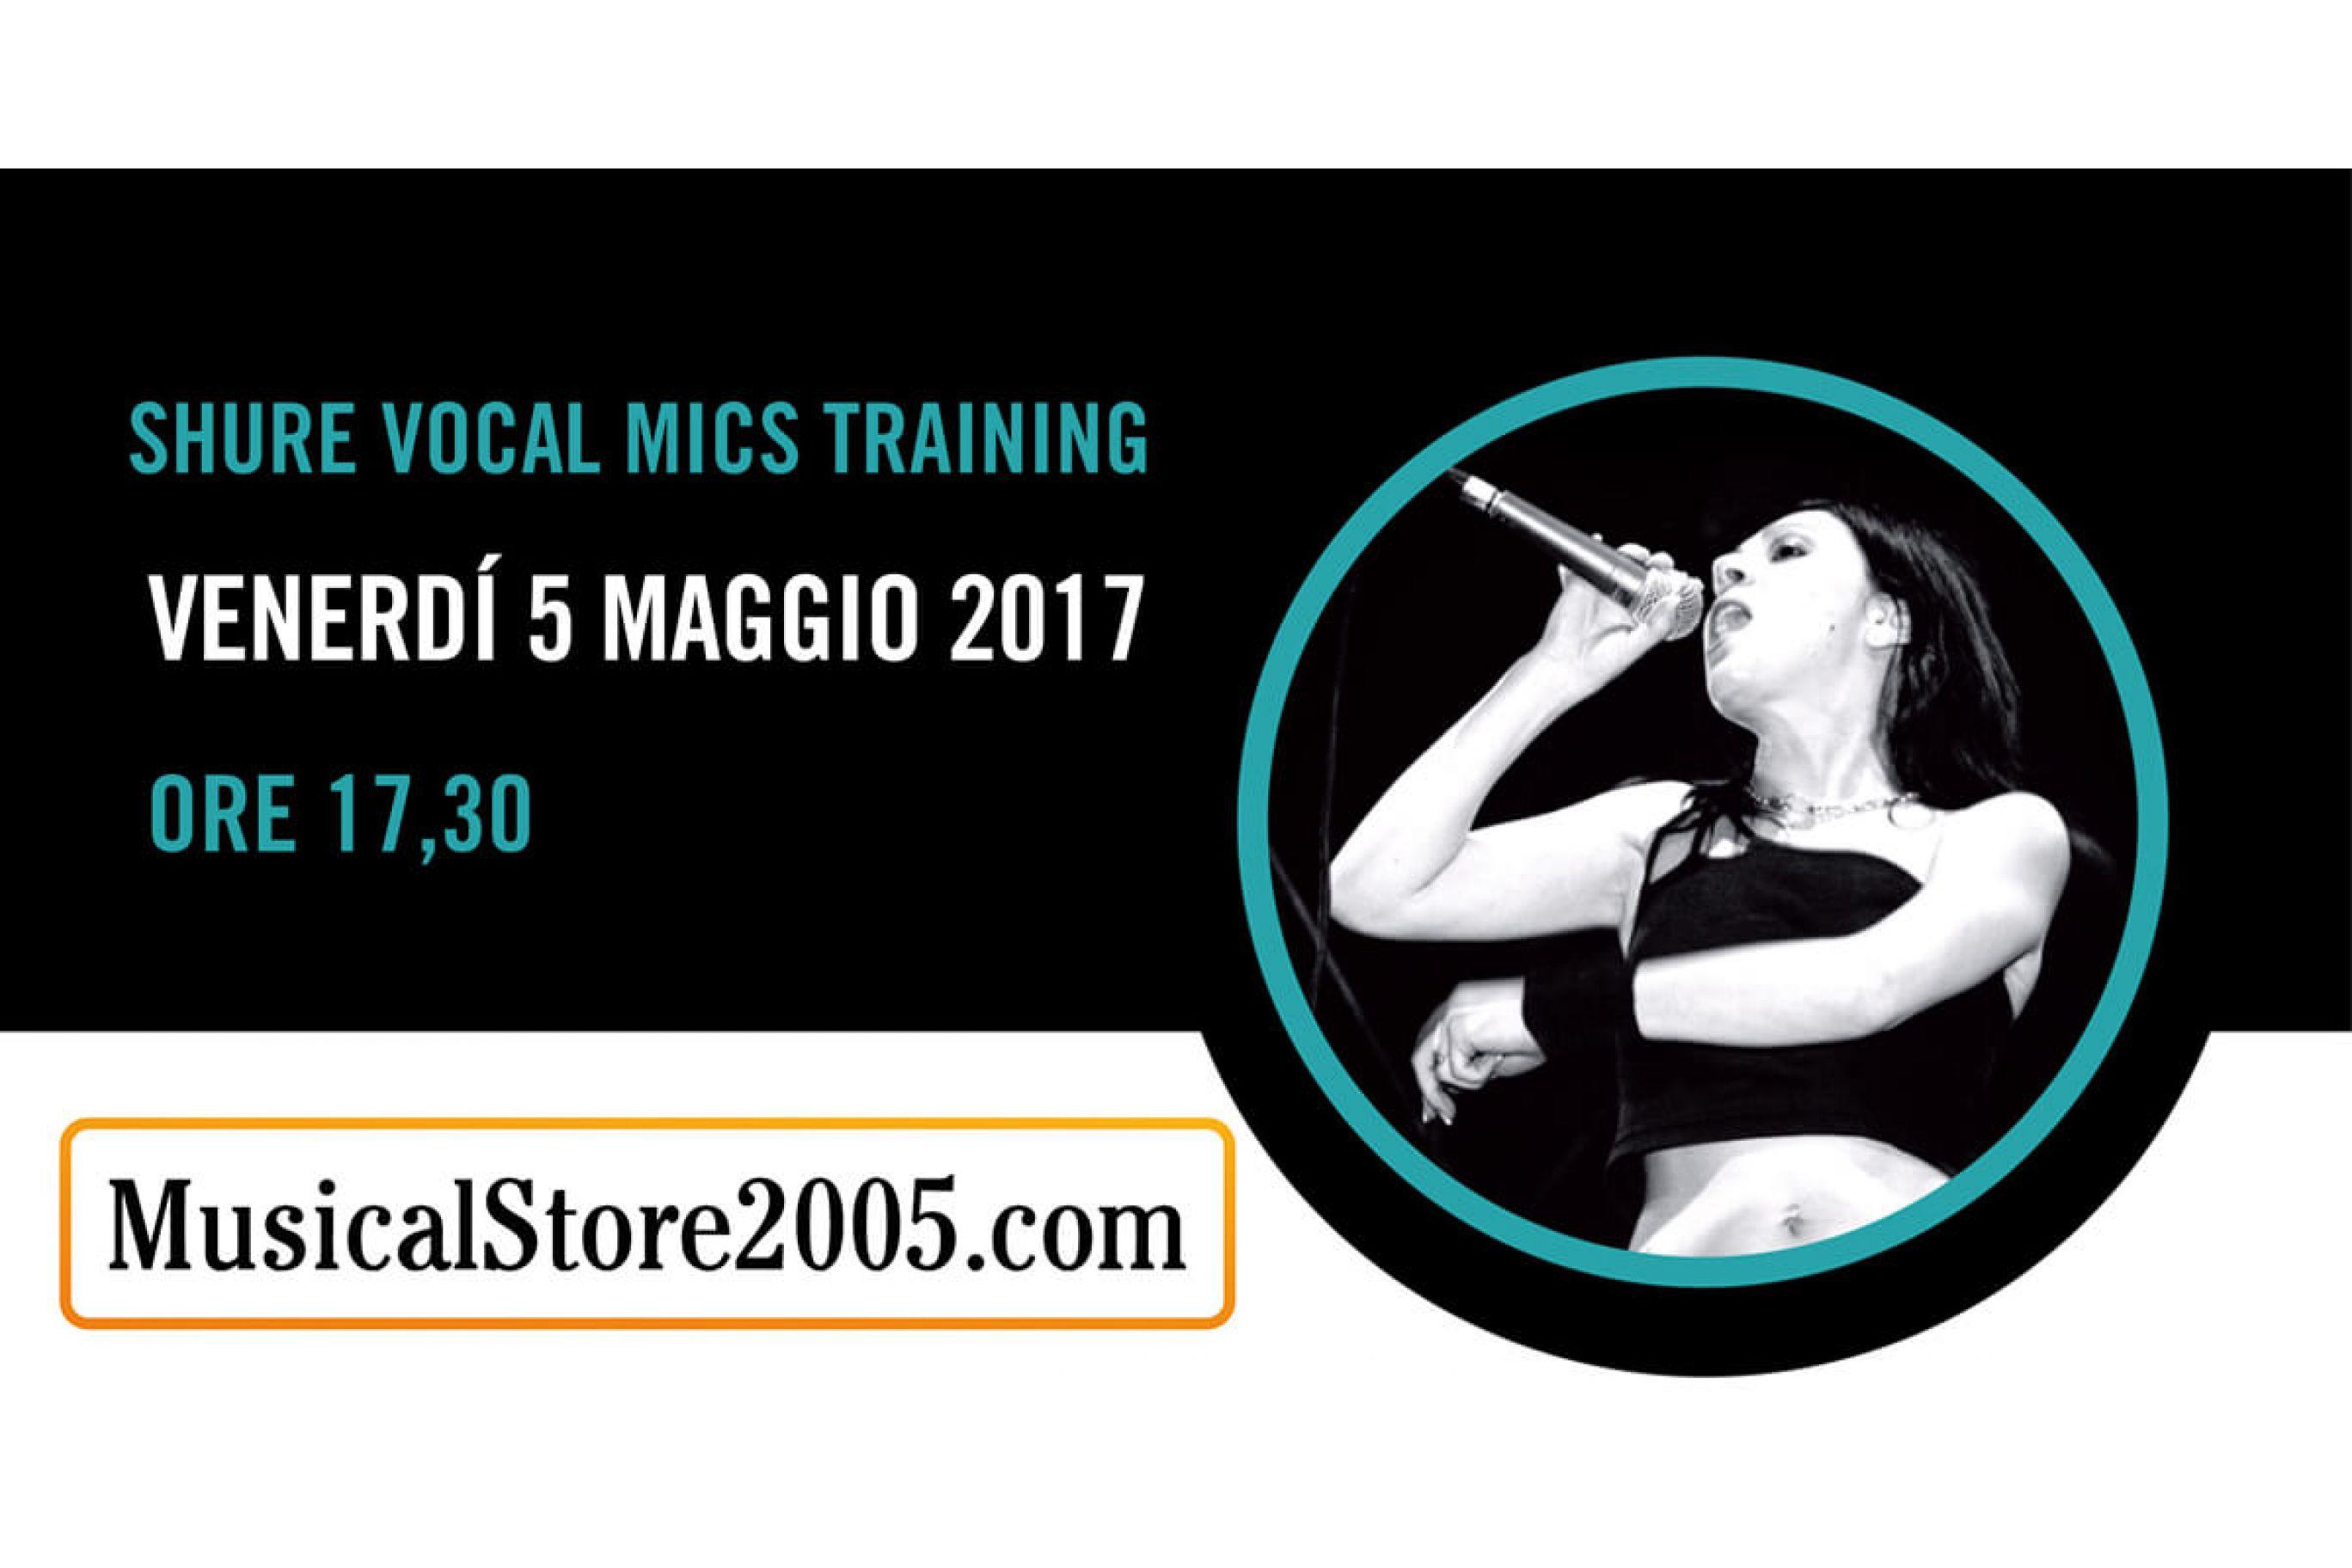 Shure Vocal Mics Training 2017 – Tappa MusicalStore2005